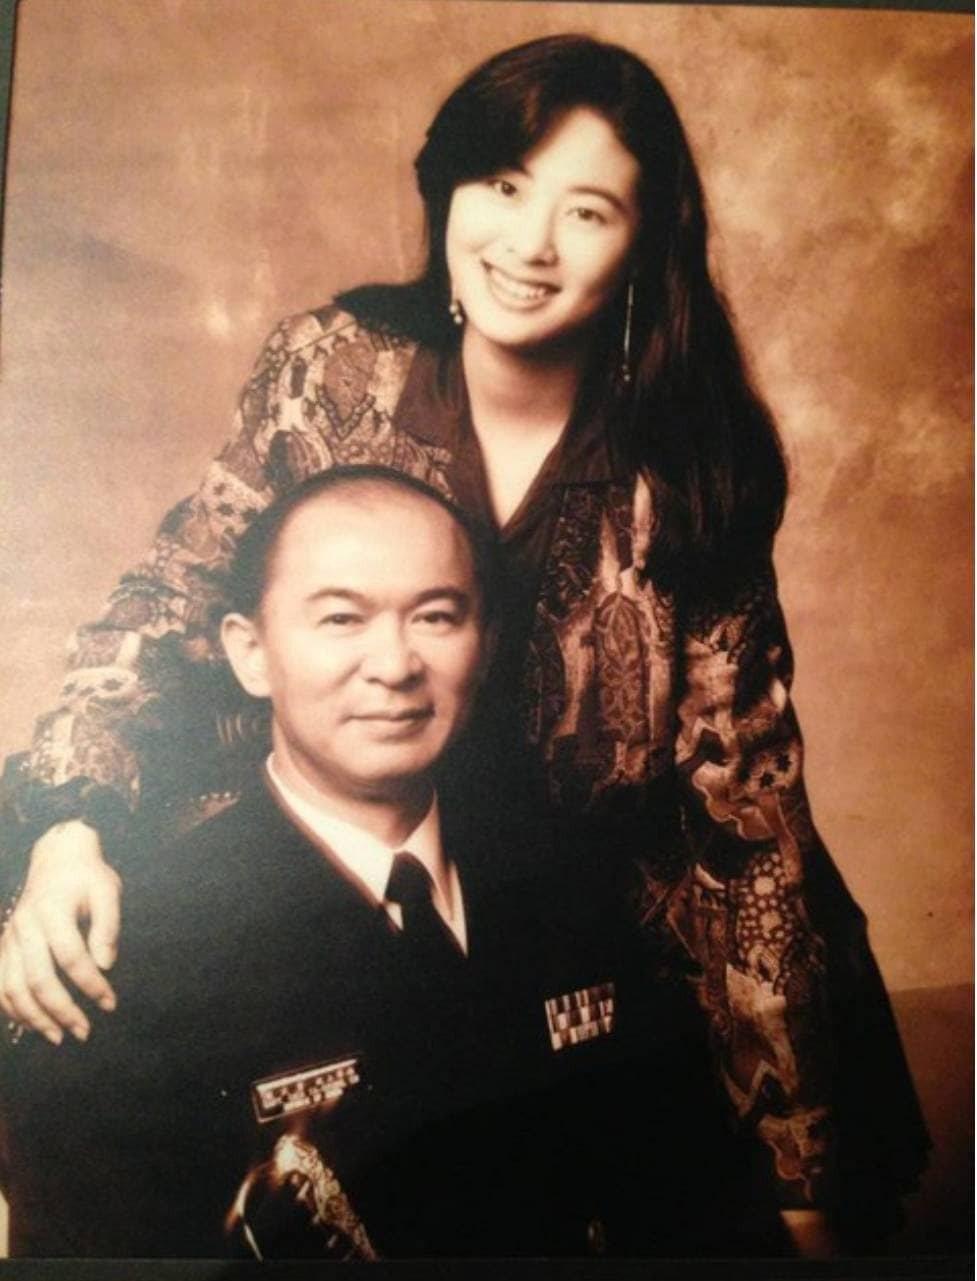 賈永婕(右)和爸爸的合照。圖/摘自臉書